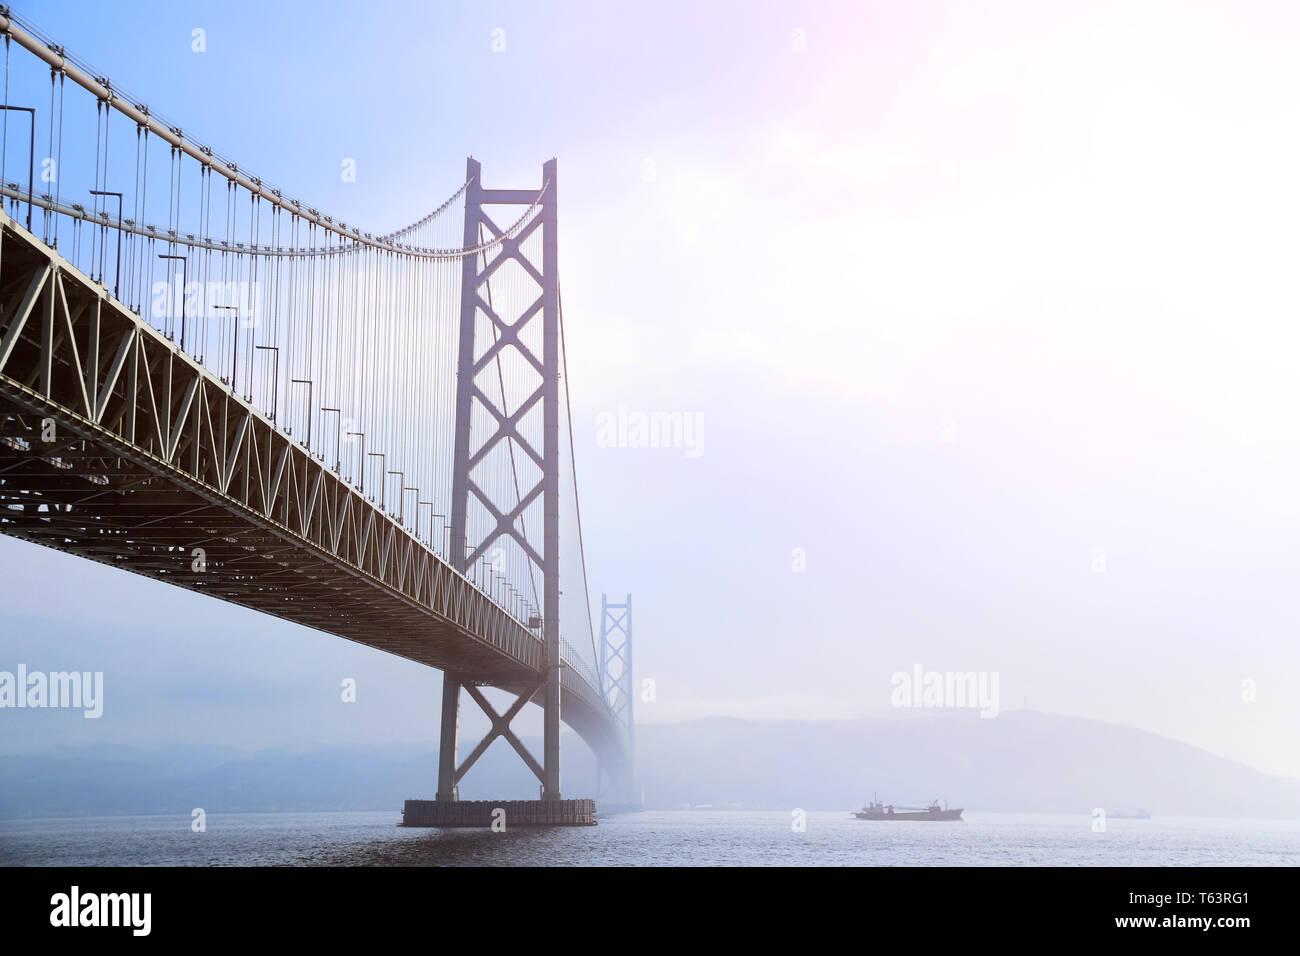 Puente Akashi Kaikyo, el puente colgante más largo, atravesando el Mar Interior de Seto desde Awaji Island a Kobe, Japón. Foto de stock